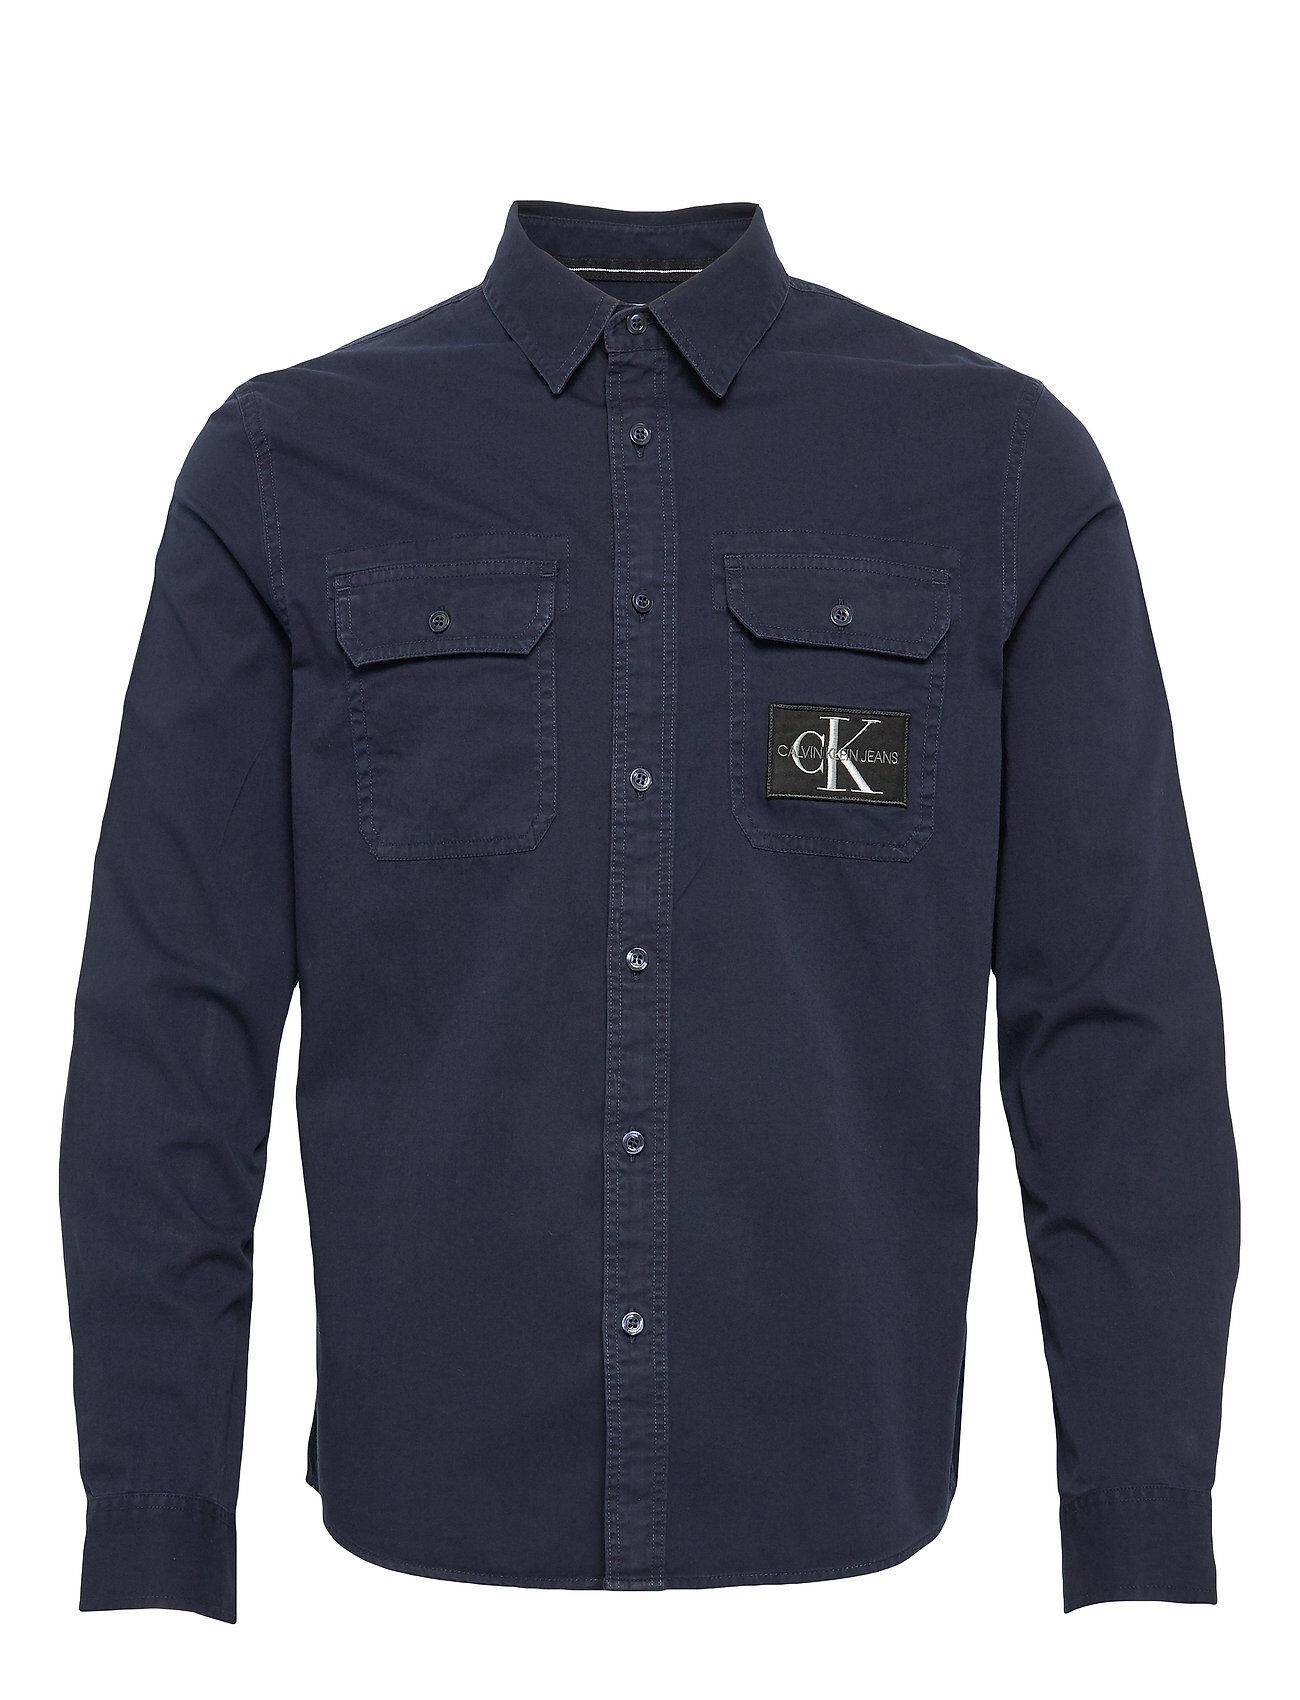 Image of Calvin Gmd Utility Reg Shirt Paita Rento Casual Sininen Calvin Klein Jeans